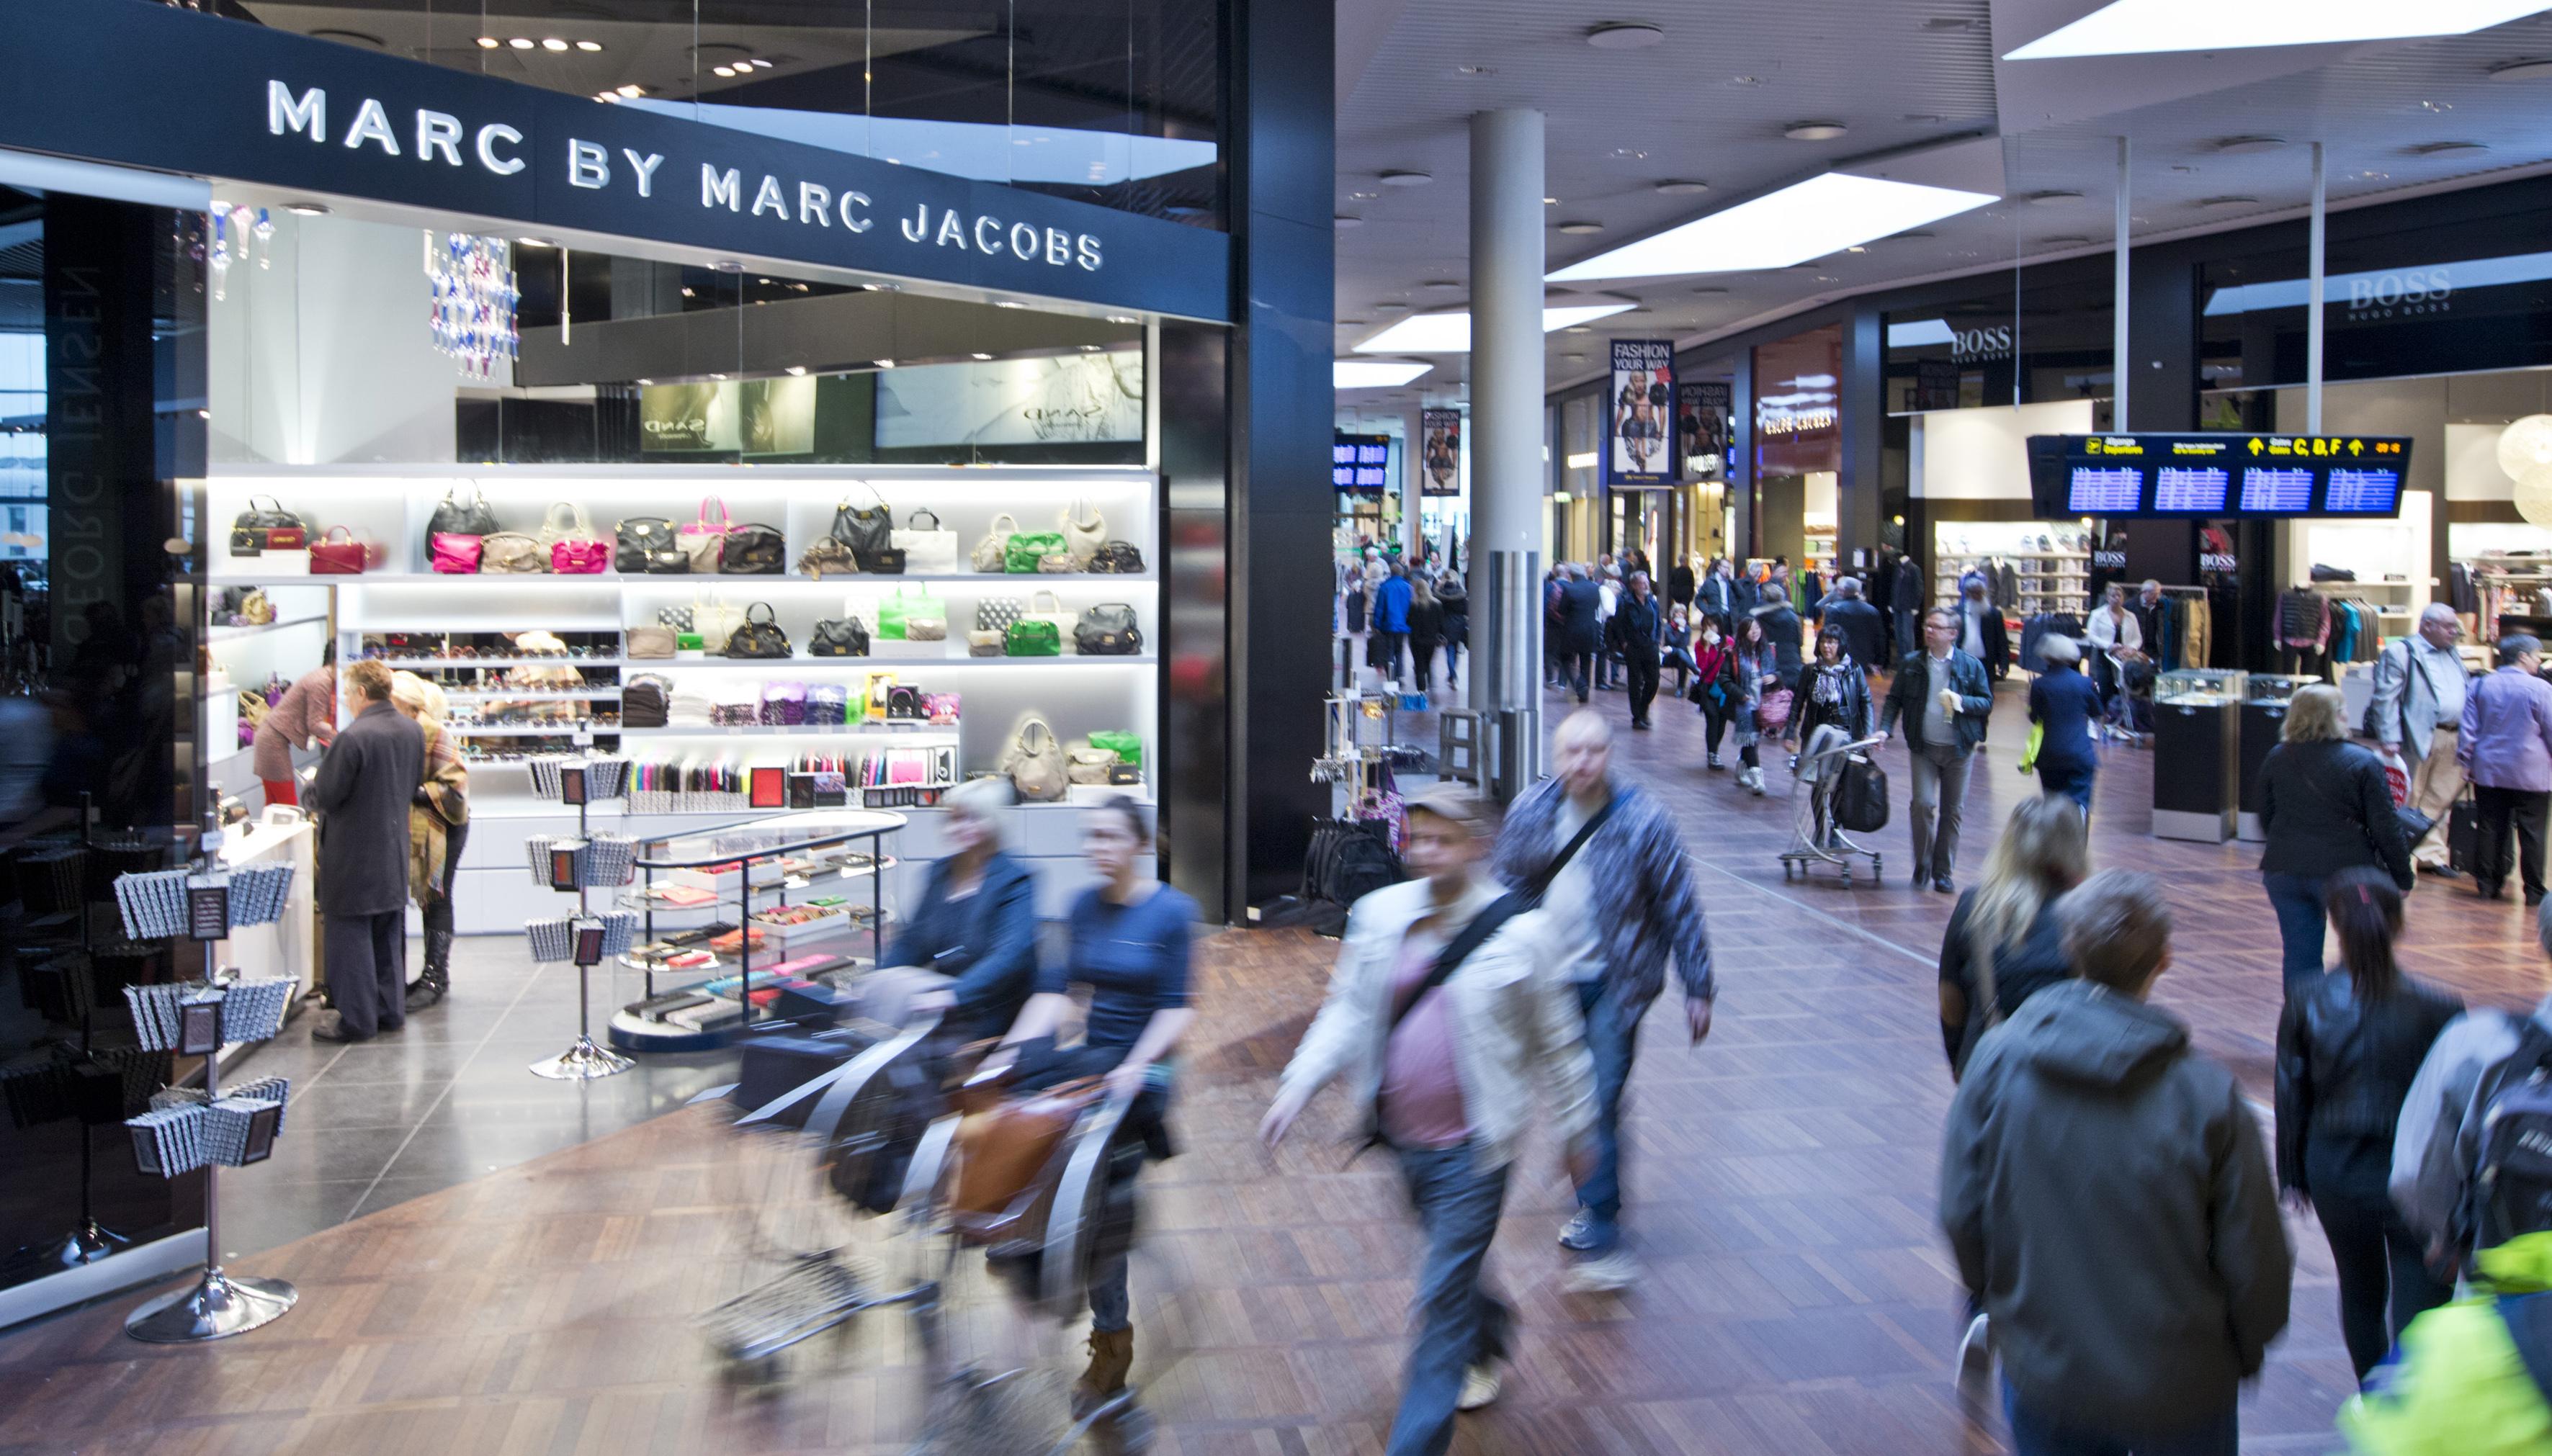 københavns lufthavn shopping